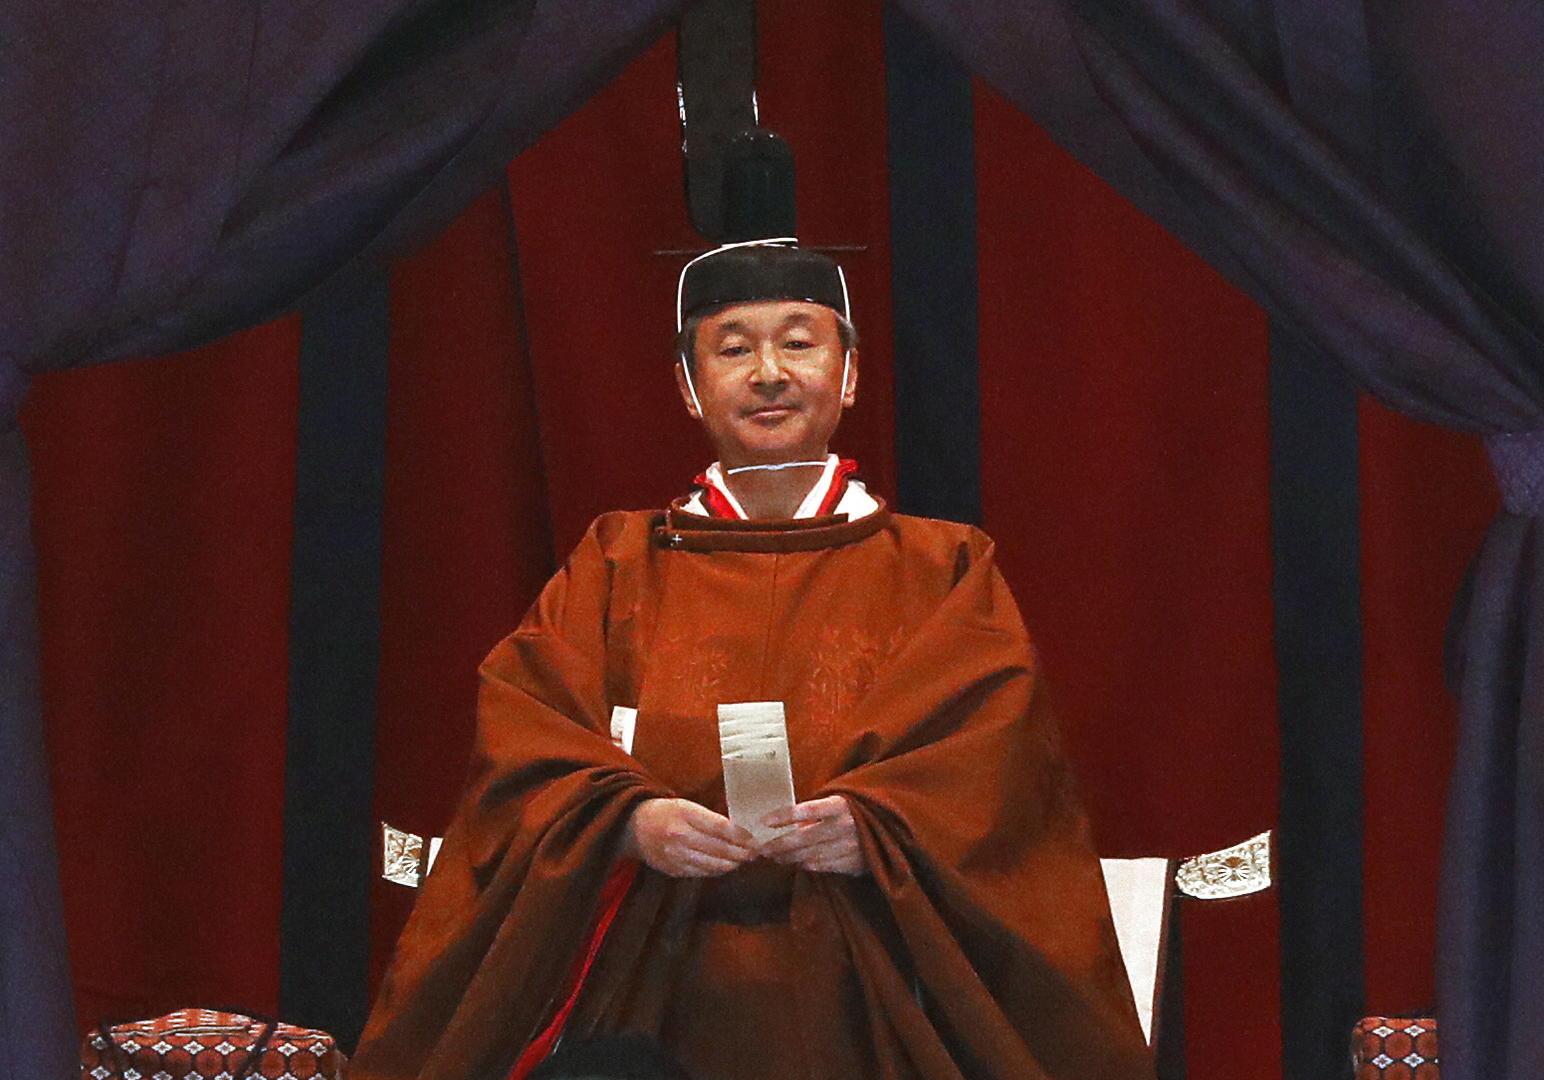 日本天皇即位恩赦55万人 不大赦不减刑,民众仍不满